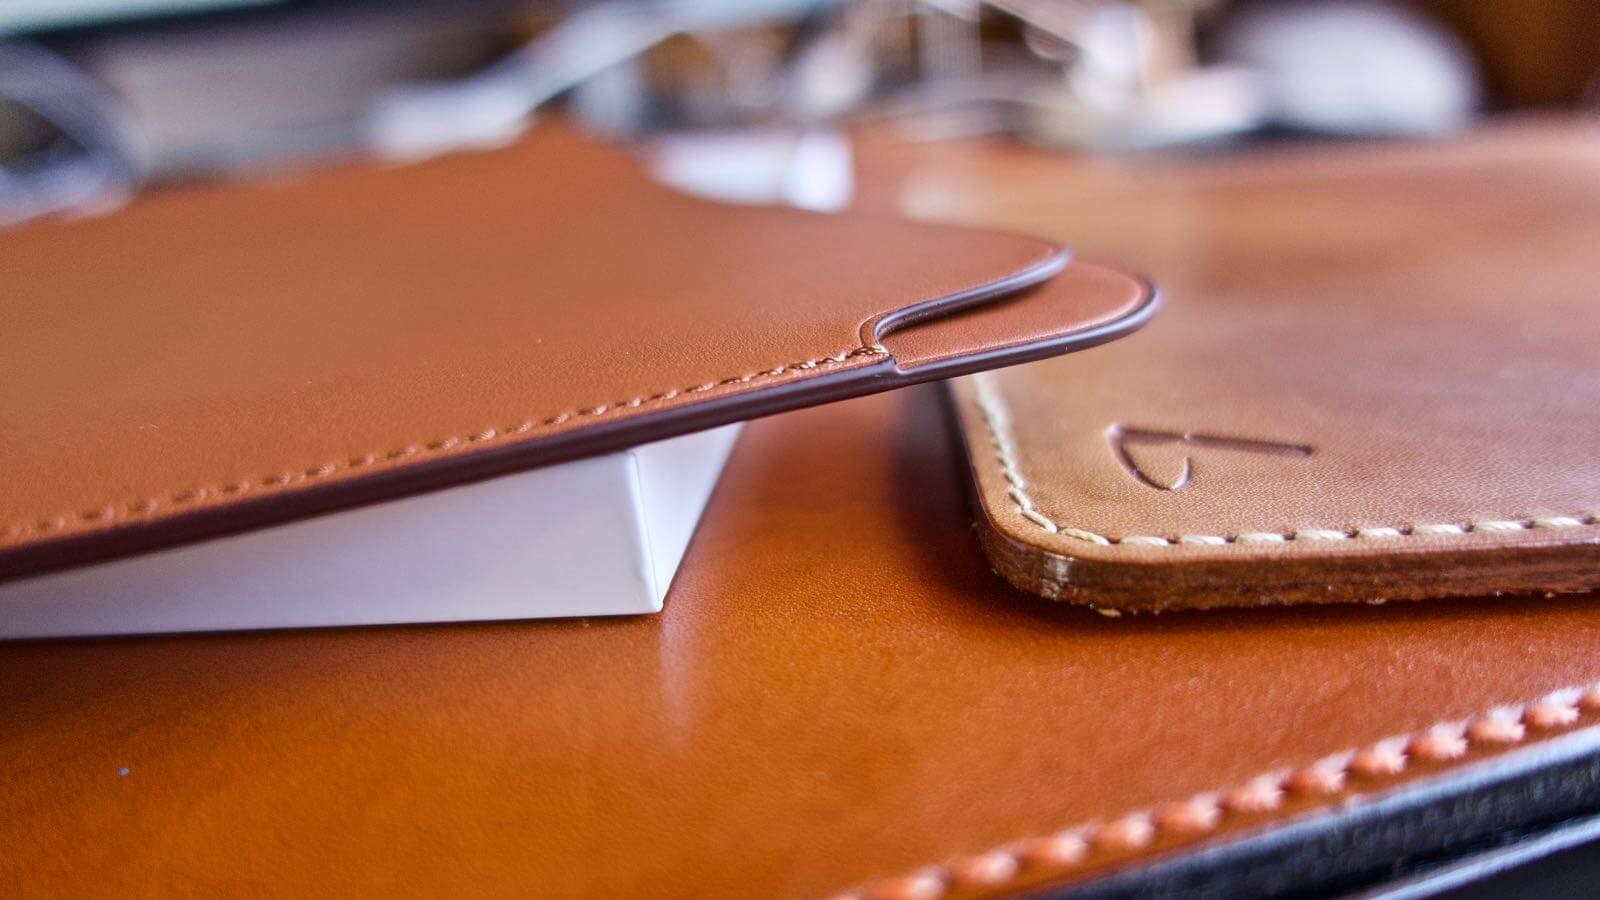 0216 Macbook  apple sleeve 09